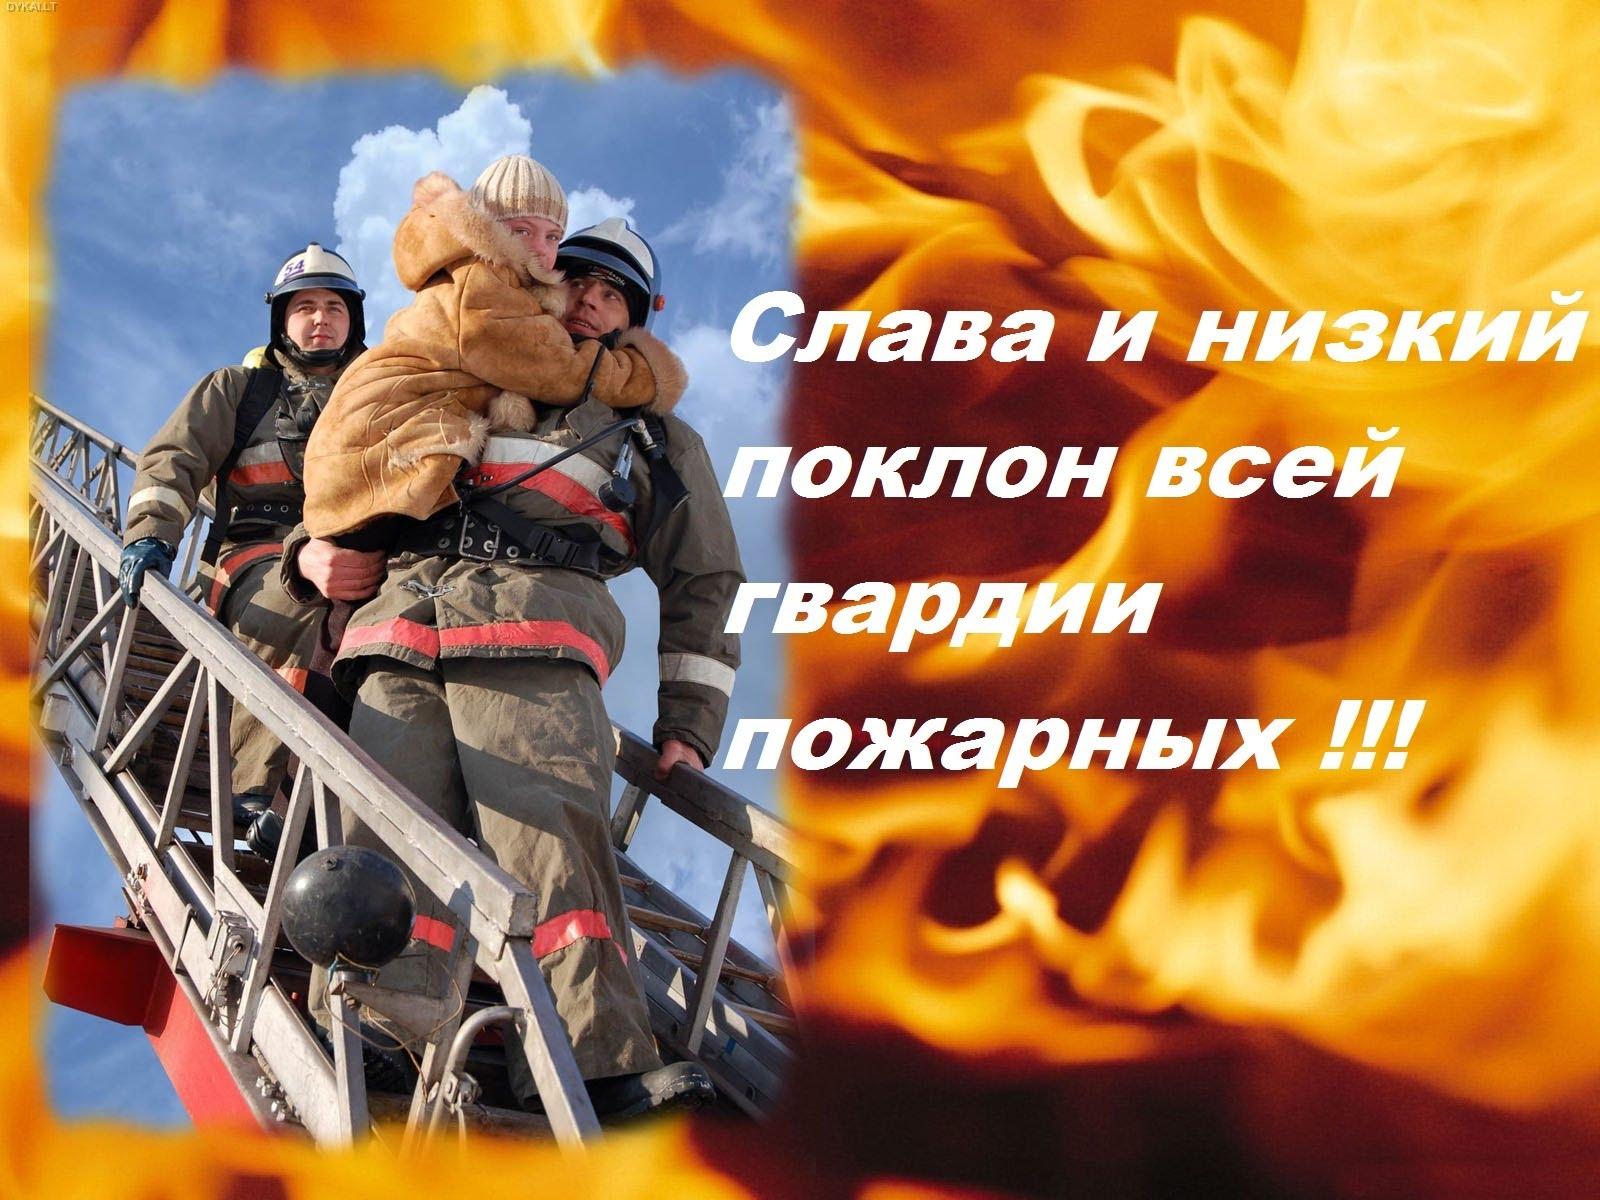 Прикольные поздравления ко дню пожарника